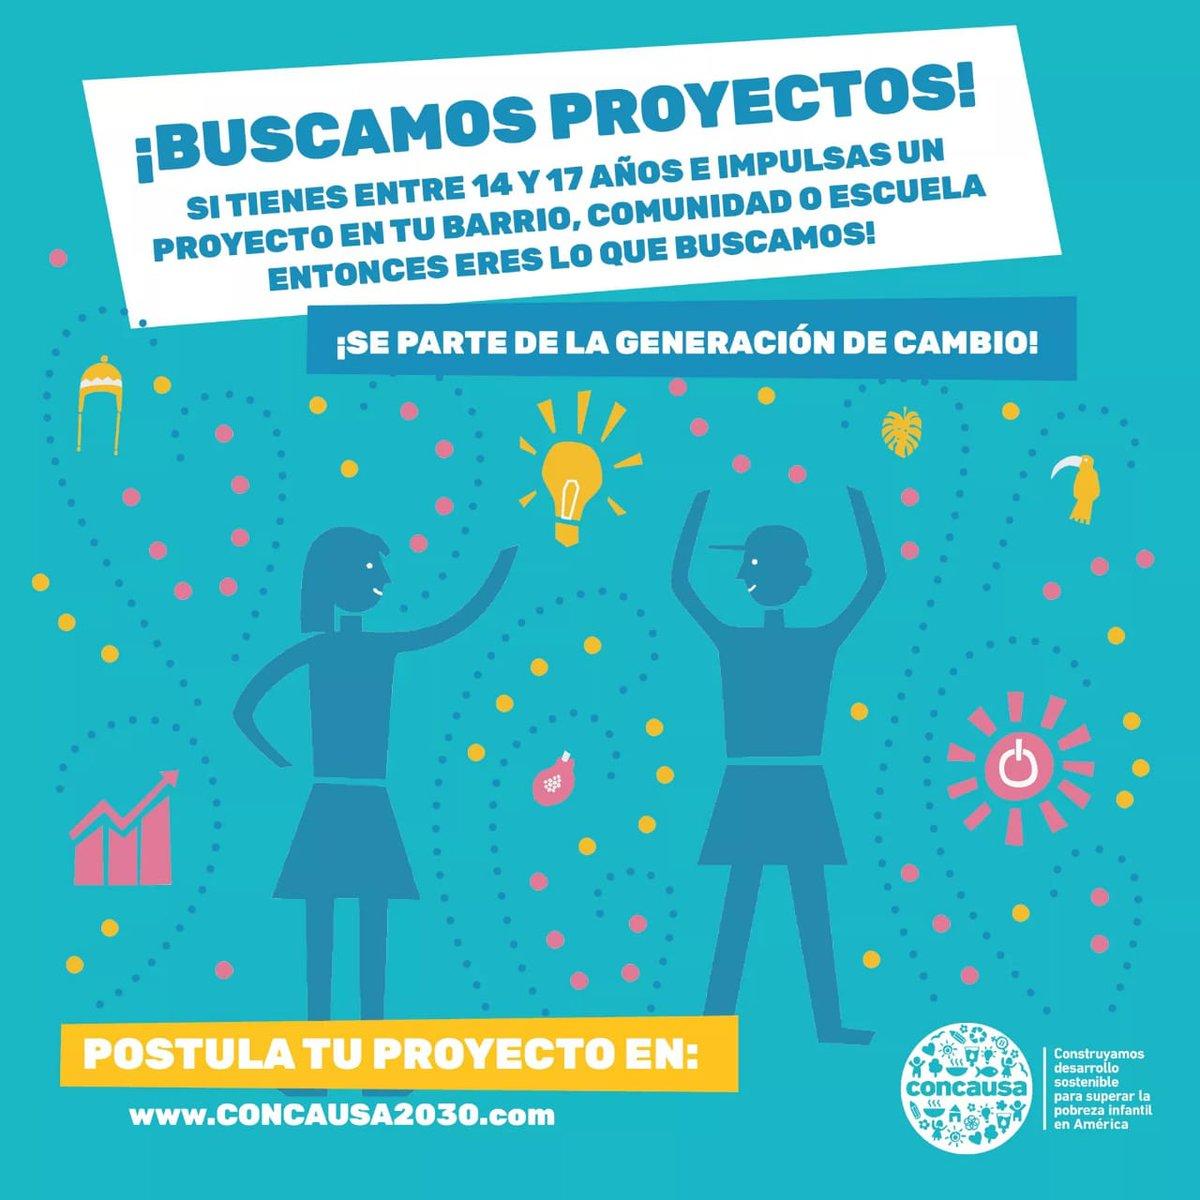 ¡Si tenés un proyecto que contribuya a la #Agenda2030 y tenés entre 14 y 17 años no dudes en postular y ser parte del cambio que el mundo necesita! Ingresá acá ➡️http://www.concausa2030.com/espanol/   #ODS @ComisionOds @los_ods @paraguayabierto @CTS_Paraguay #GlobalGoals @CentroOds @el_BID